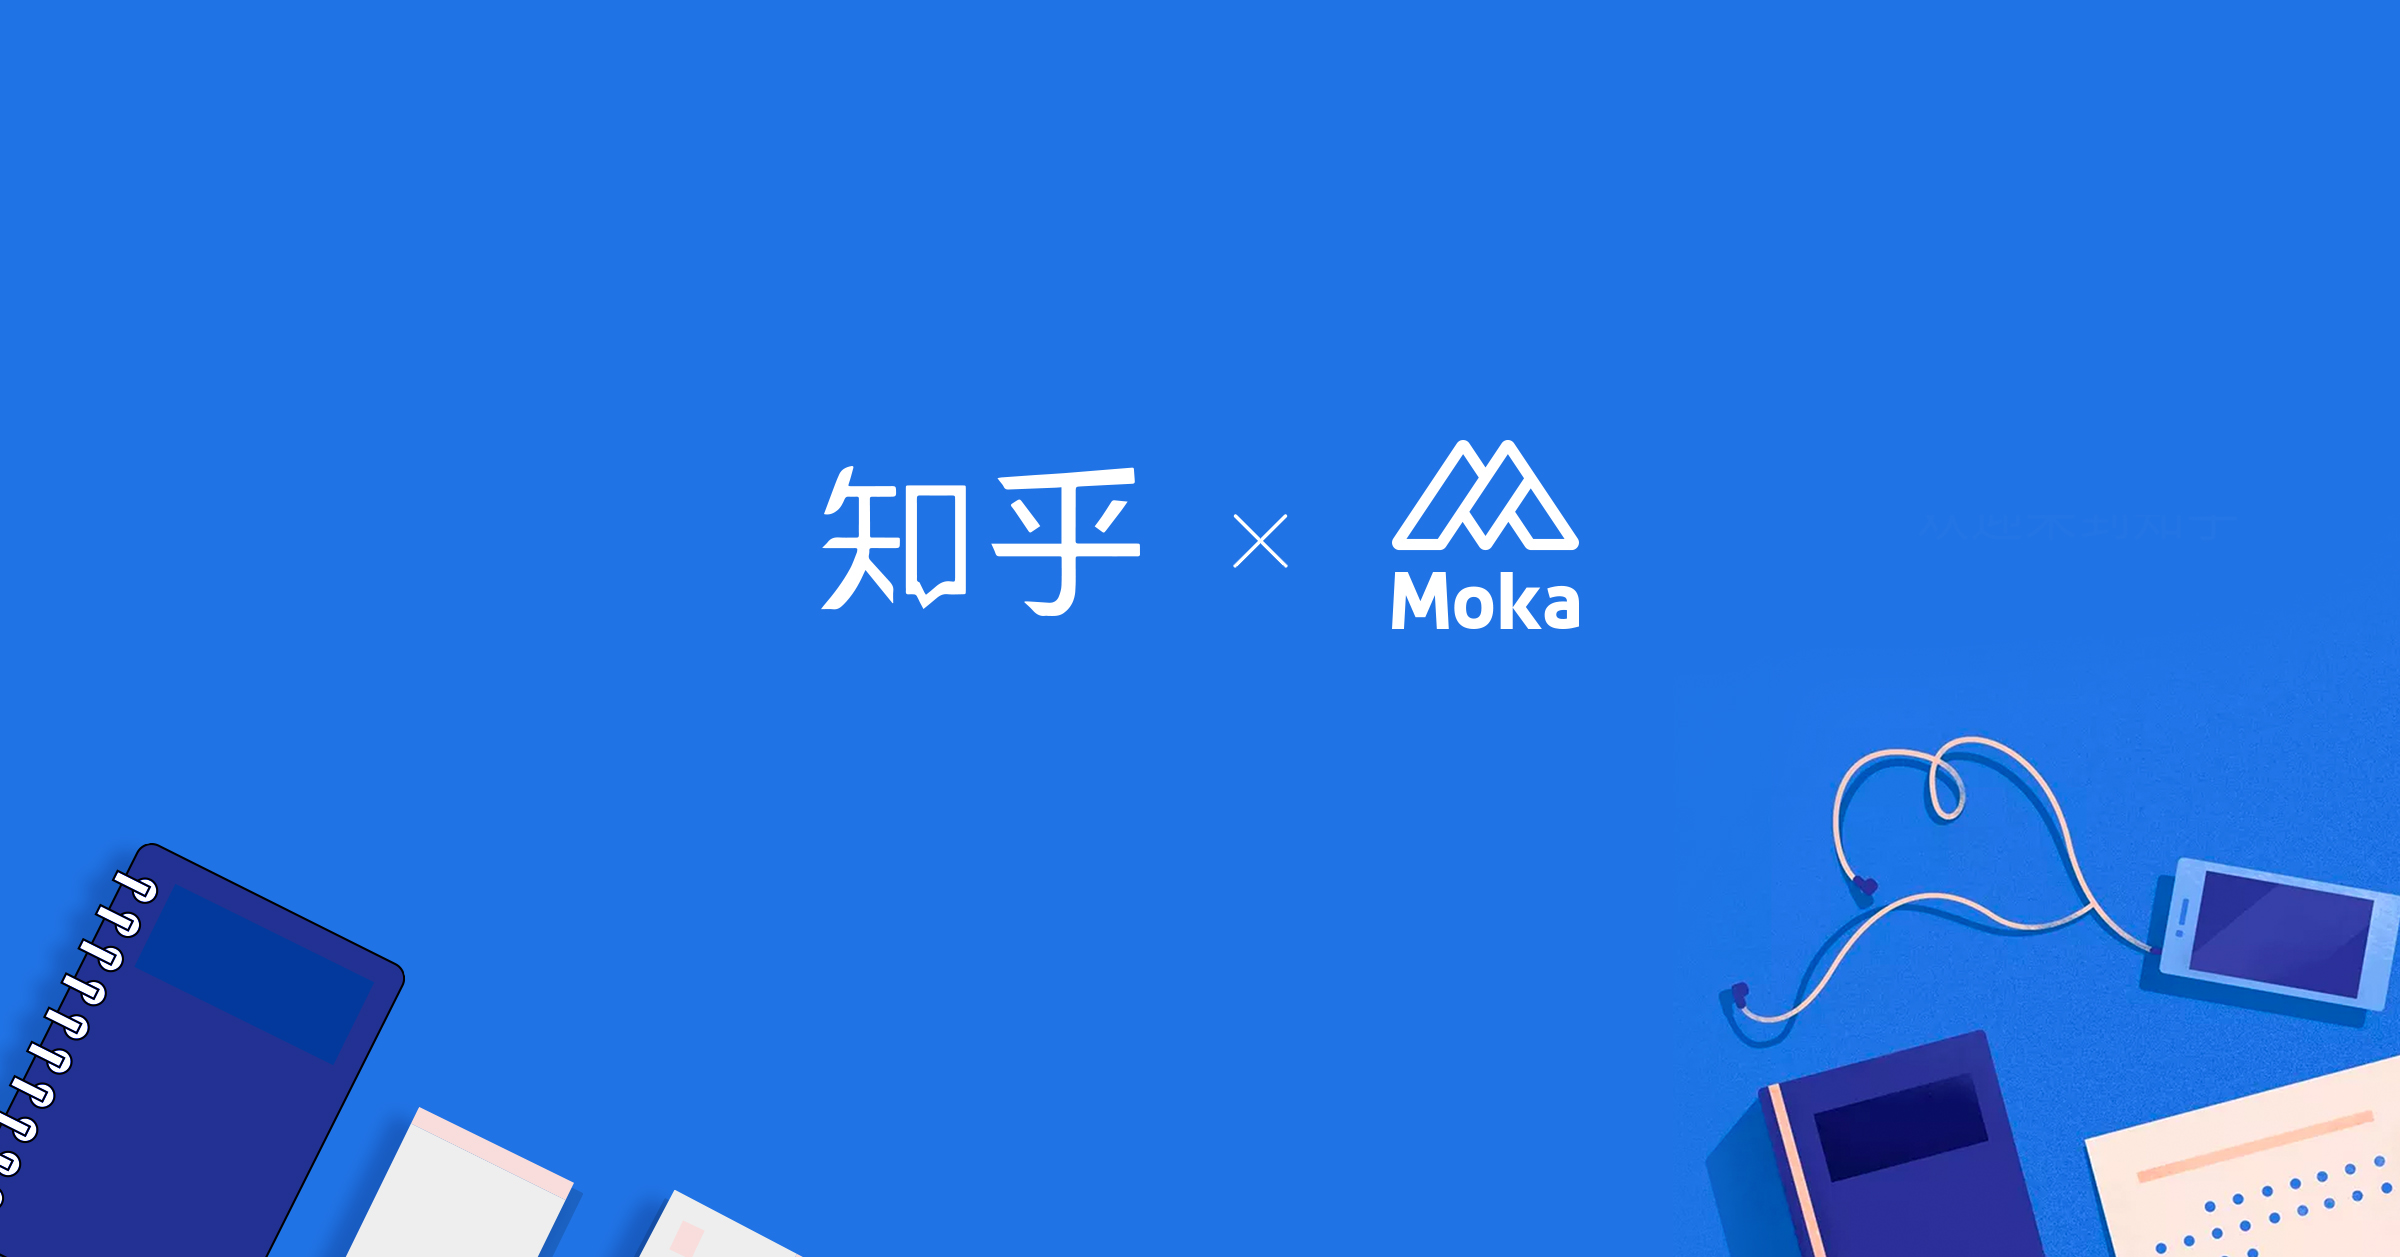 「知乎」招聘解决方案–通过智能系统缩短招聘周期-Moka智能化招聘系统